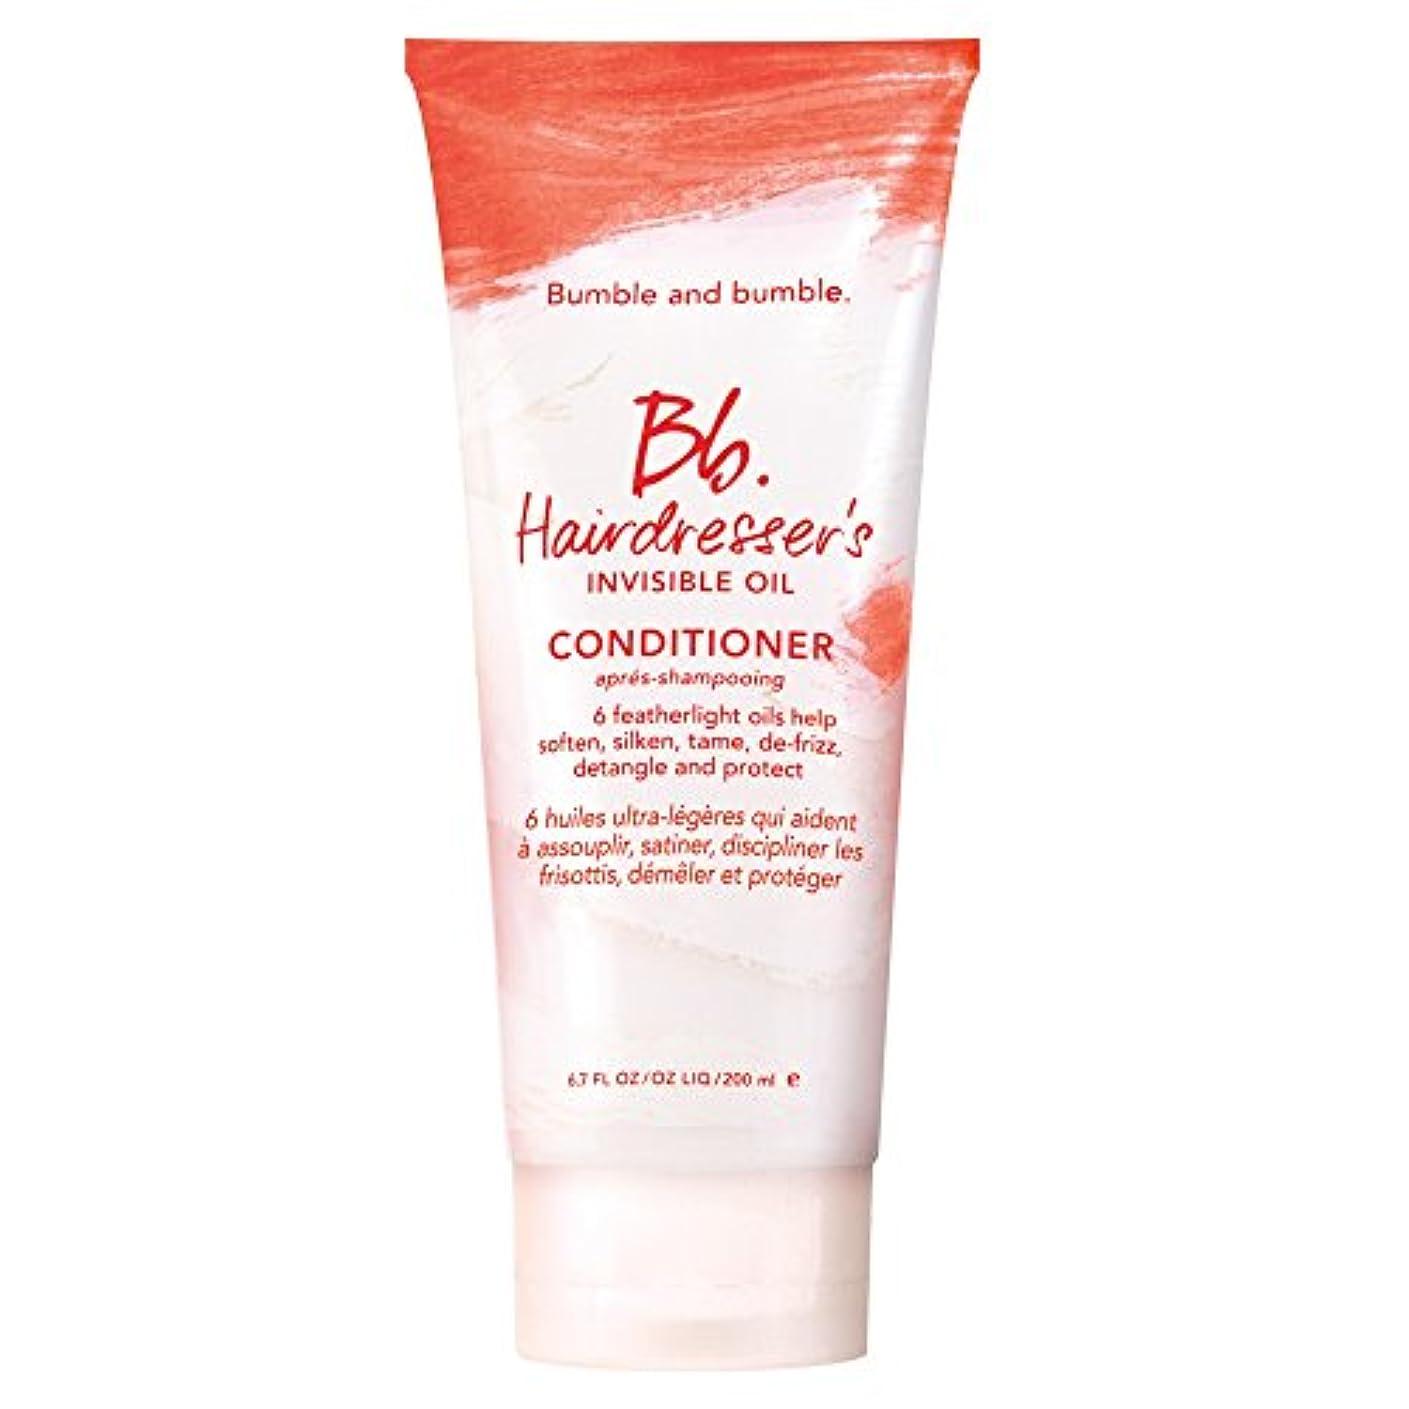 首土プレゼンバンブルアンドバンブル美容見えないオイルコンディショナー200ミリリットル (Bumble and bumble) (x2) - Bumble and bumble Hairdressers invisible oil...